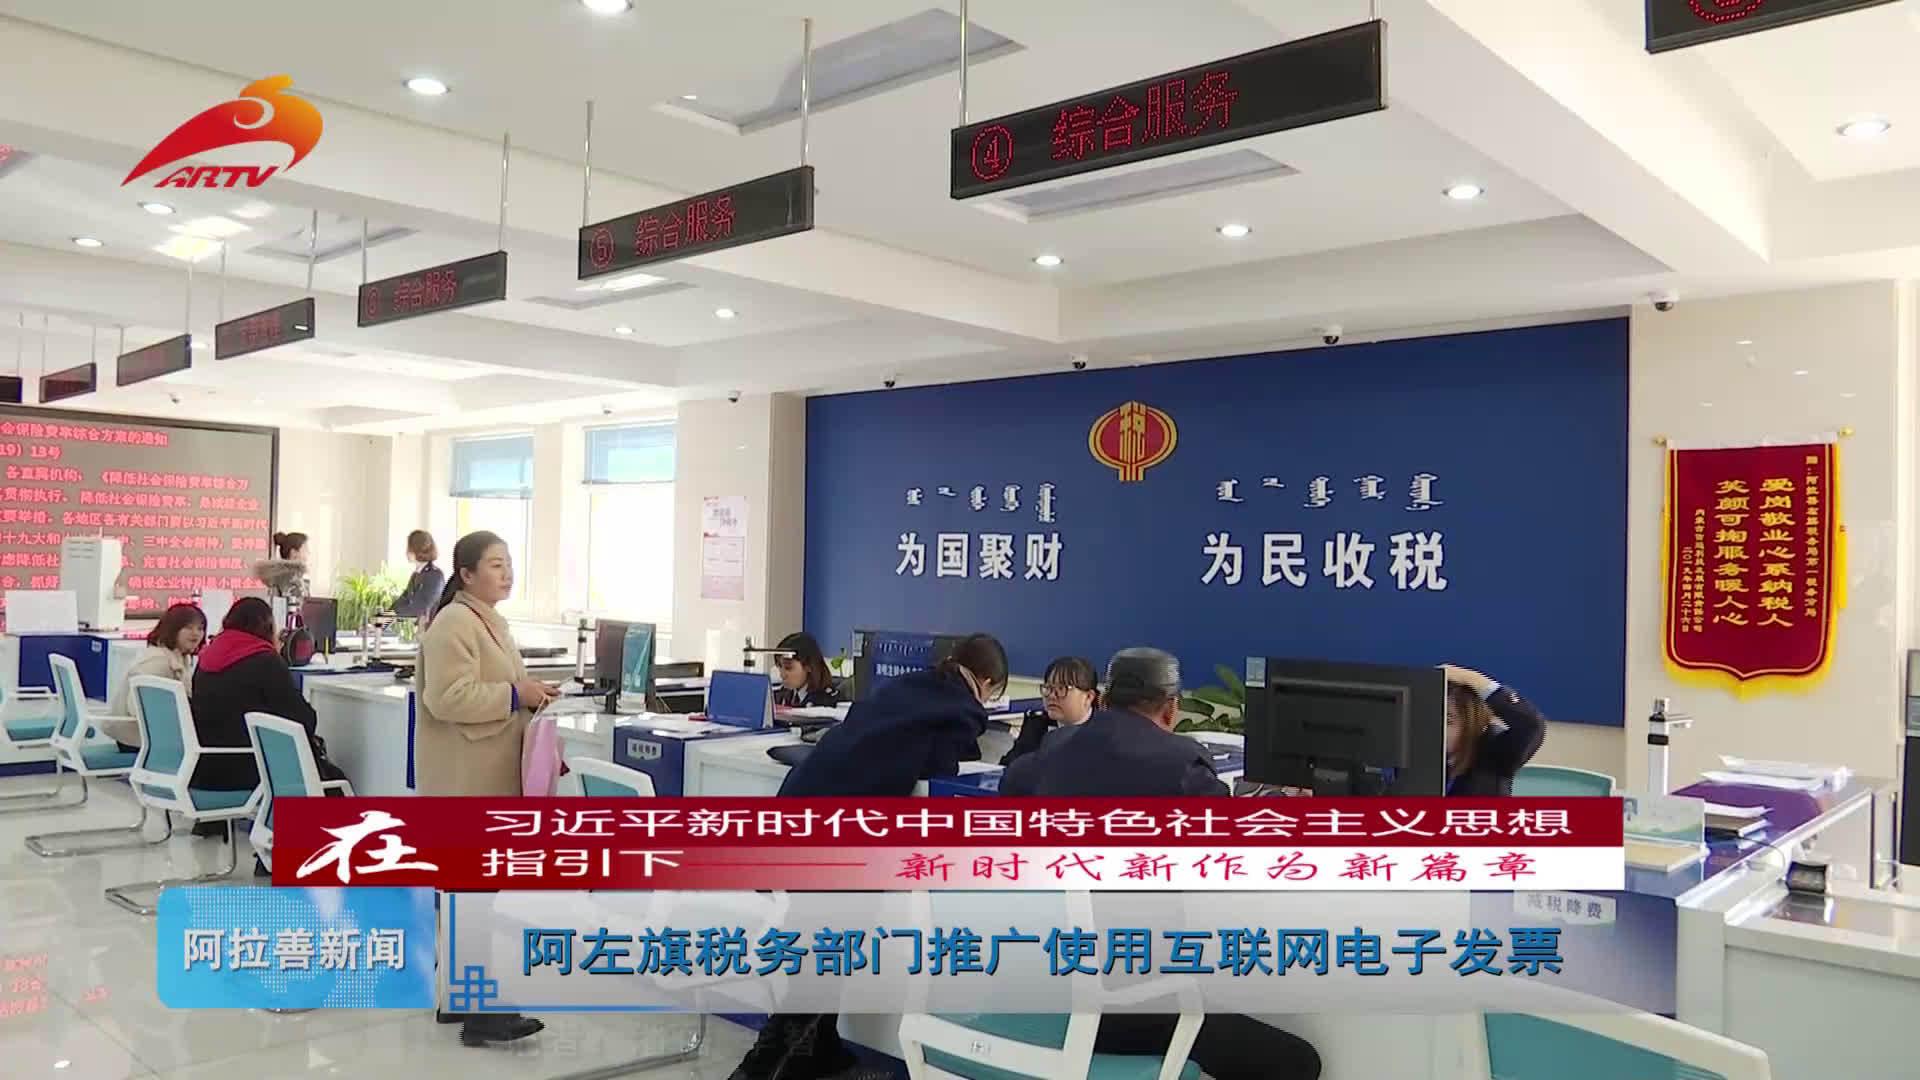 阿左旗税务部门推广使用互联网电子发票